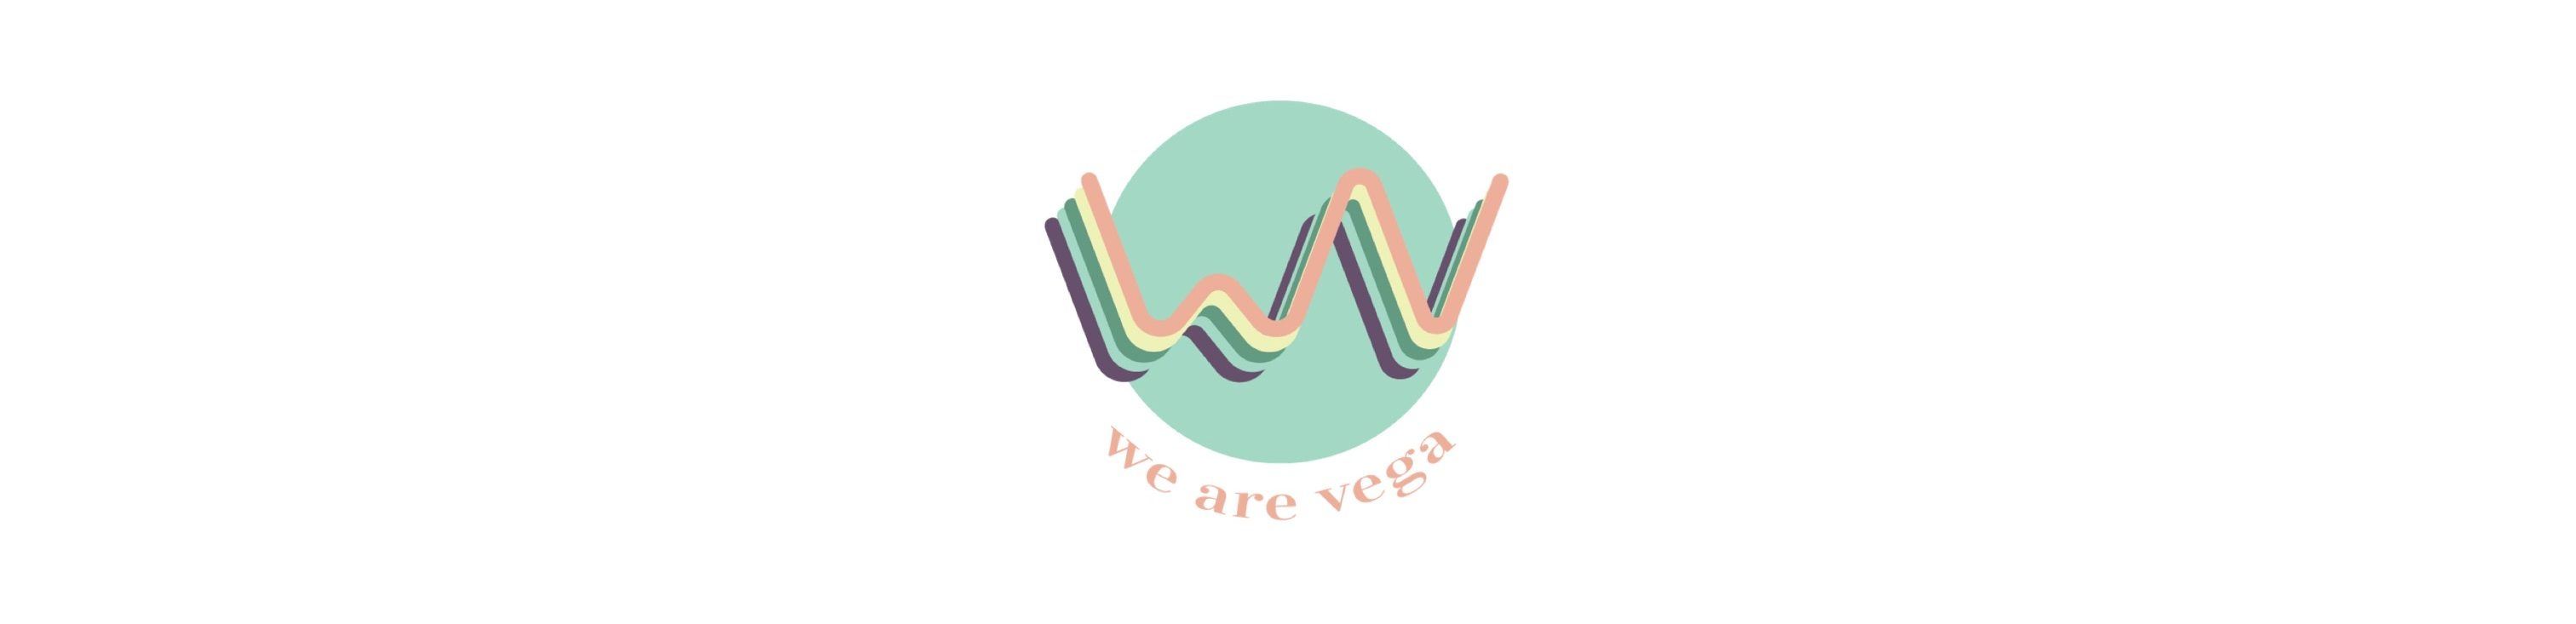 We are Vega